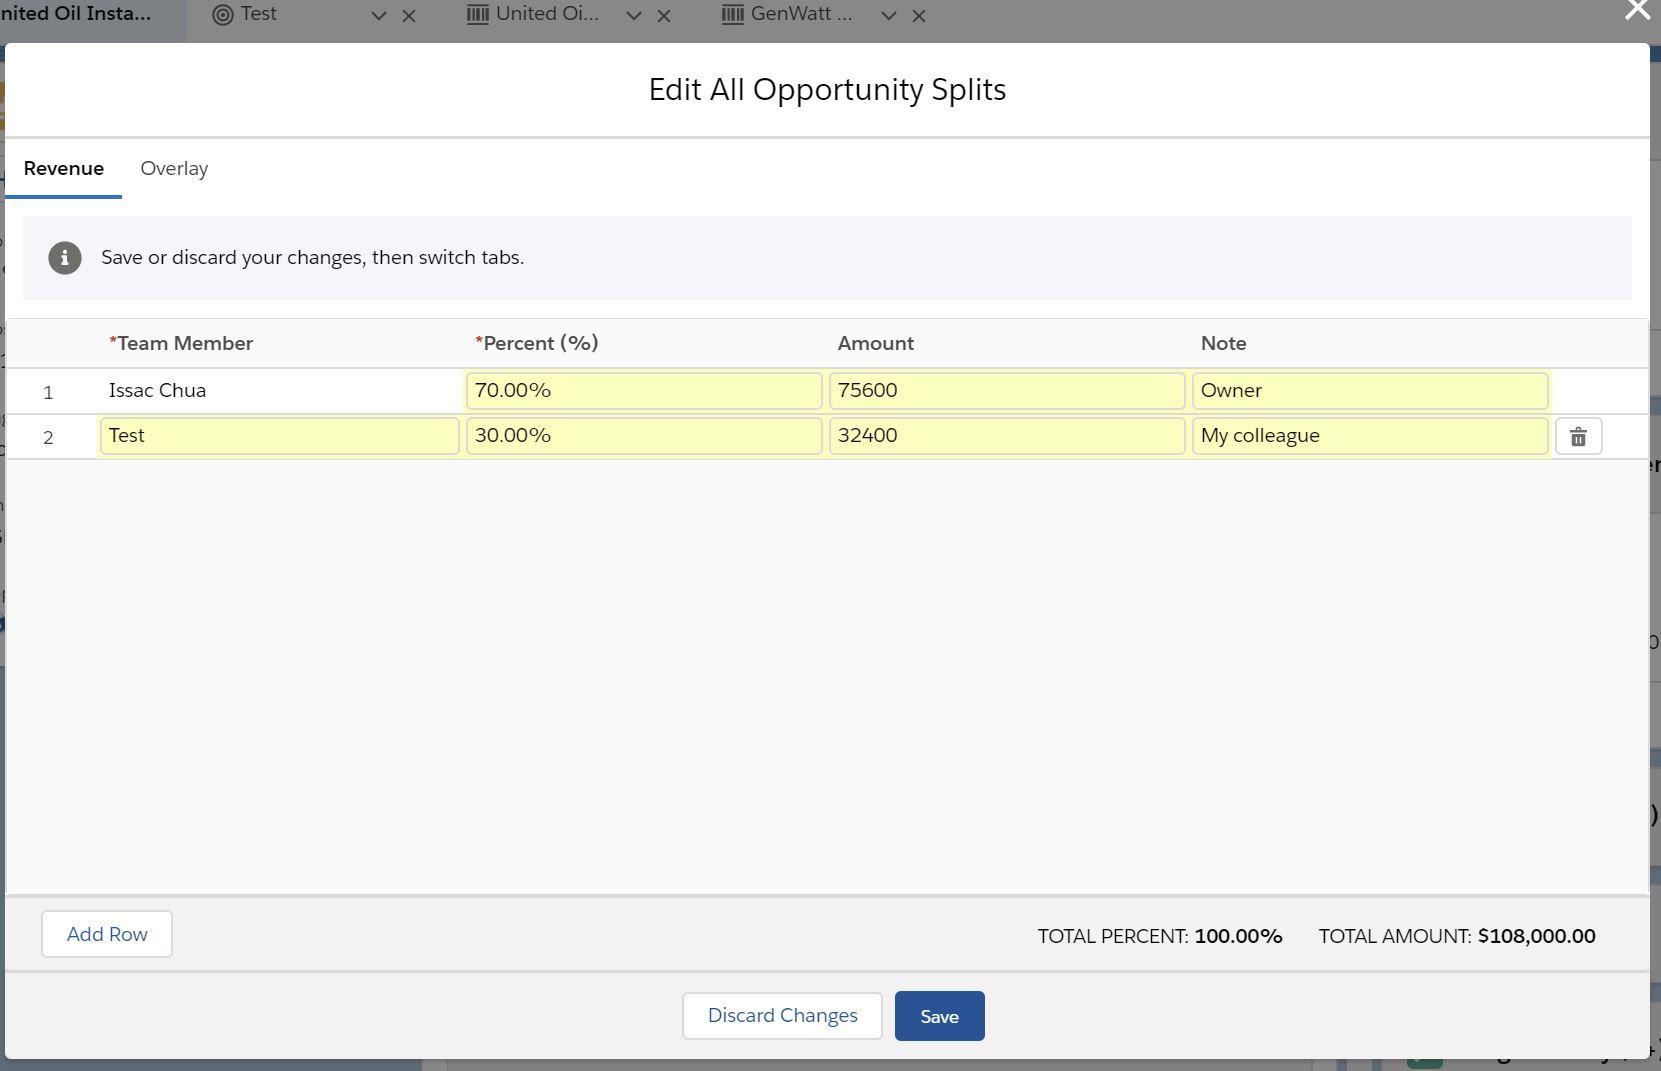 opportunity-splits-in-opportunity